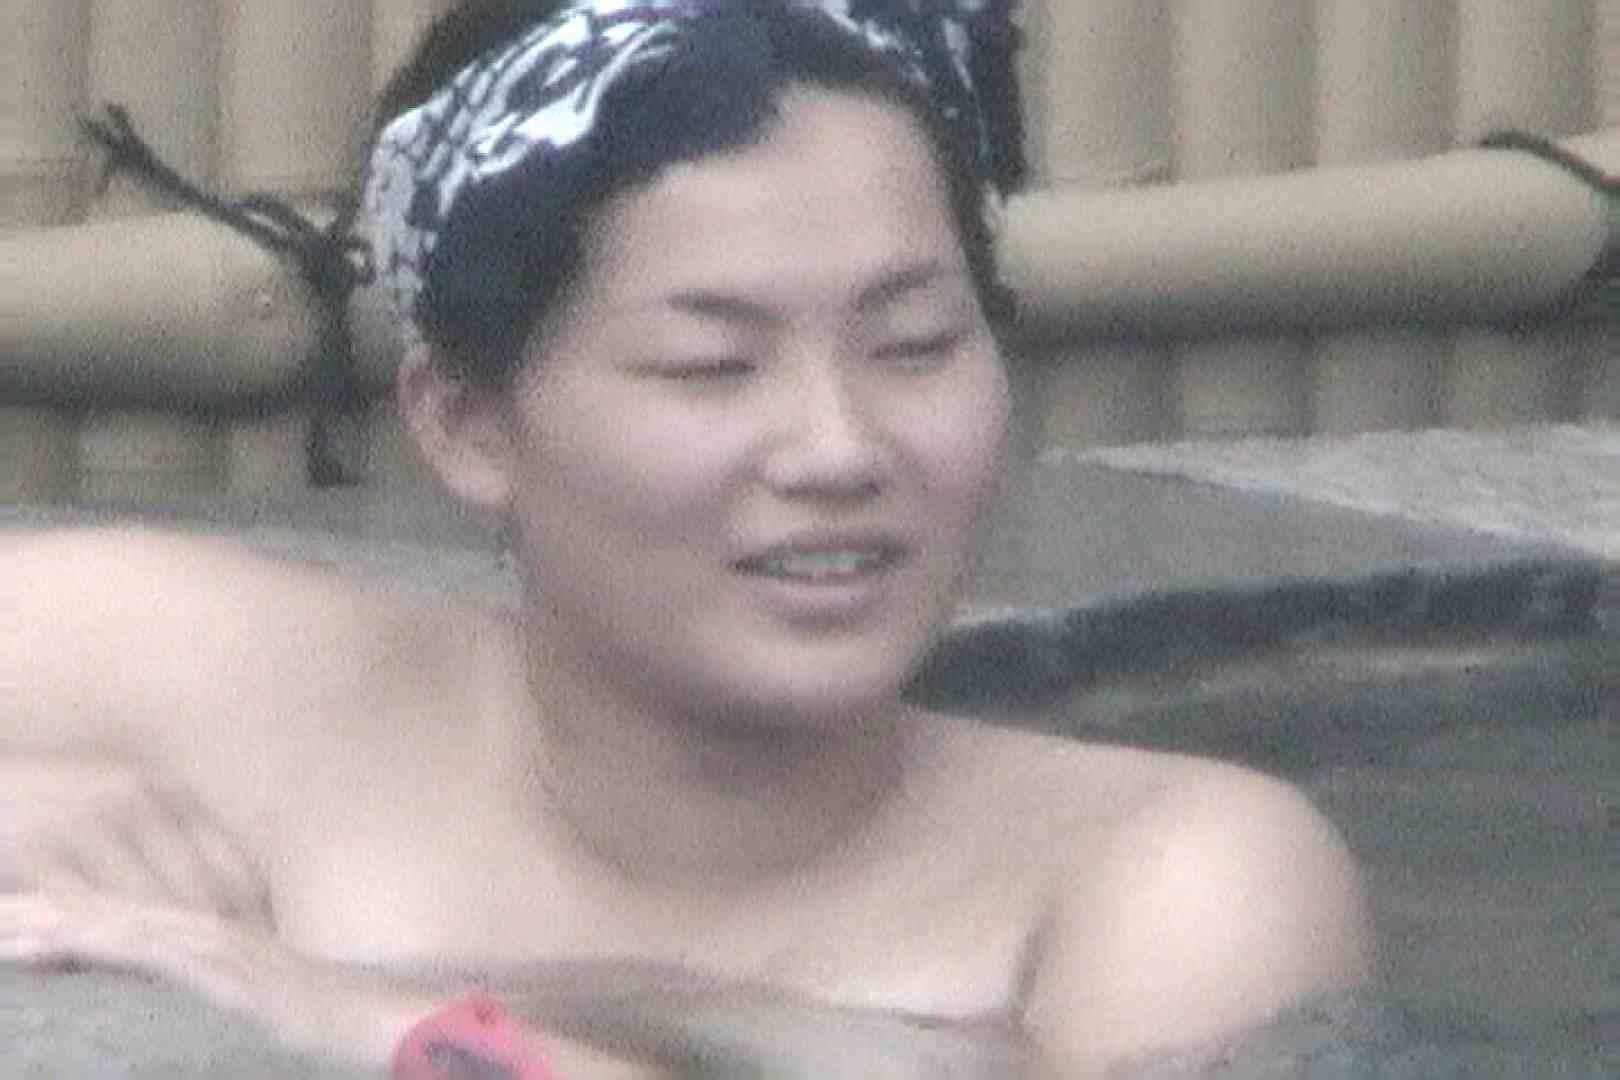 Aquaな露天風呂Vol.103 美しいOLの裸体  85pic 45